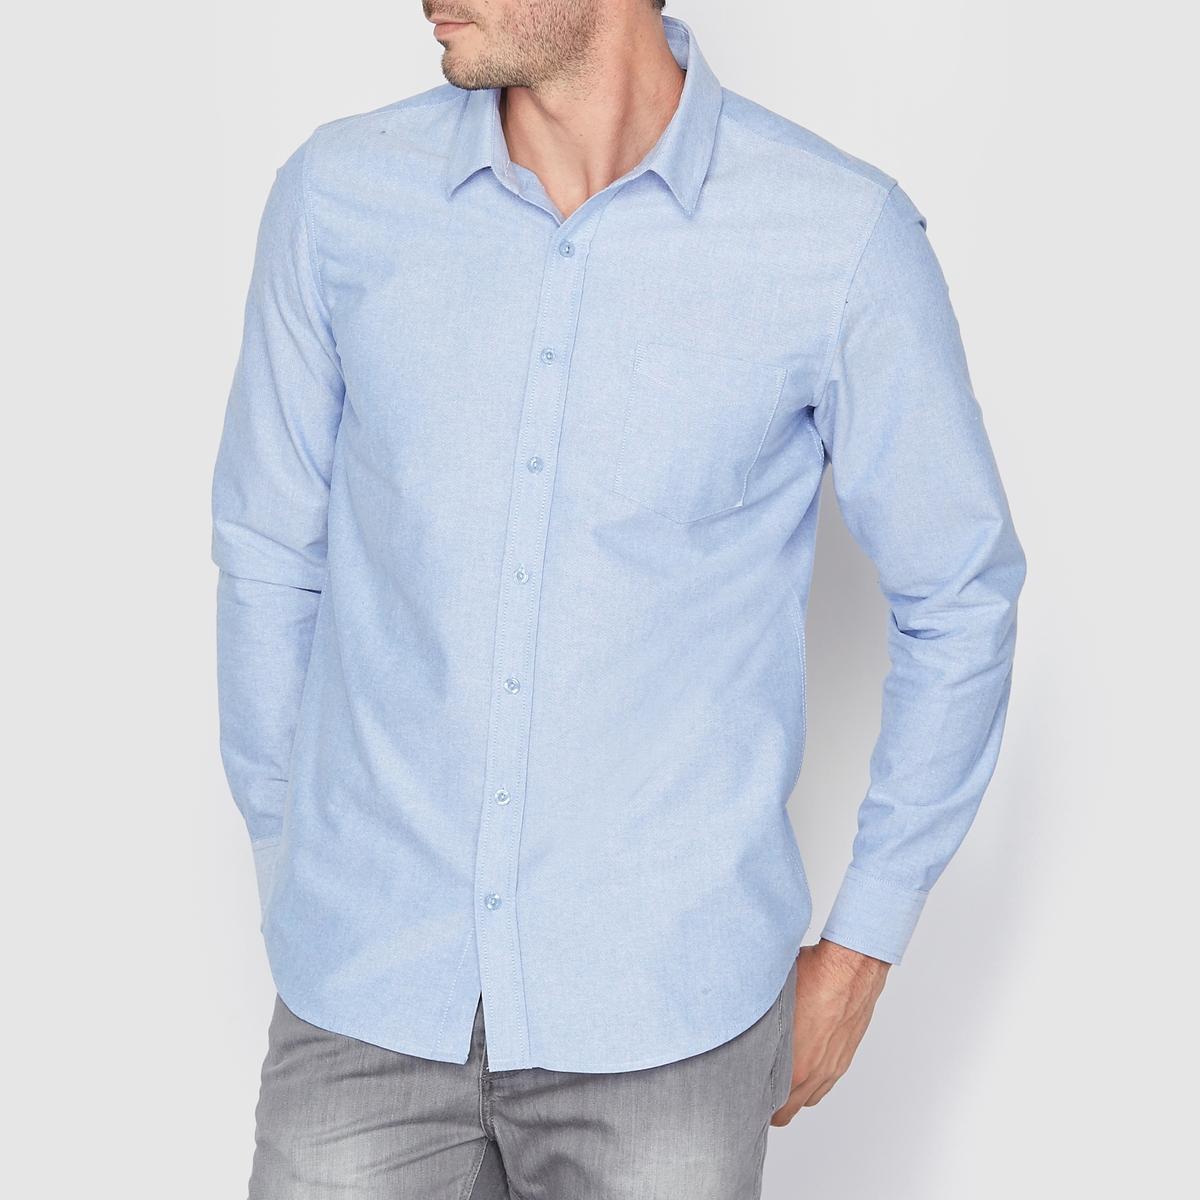 Рубашка из ткани оксфорд прямого покрояРубашка из ткани оксфорд прямого покроя 100% хлопка  . Длинные рукава, свободные уголки воротника. Нагрудный карман. Контрастная отделка в форме полу-круга в центре изделия и на манжетах  .<br><br>Цвет: небесно-голубой<br>Размер: 35/36